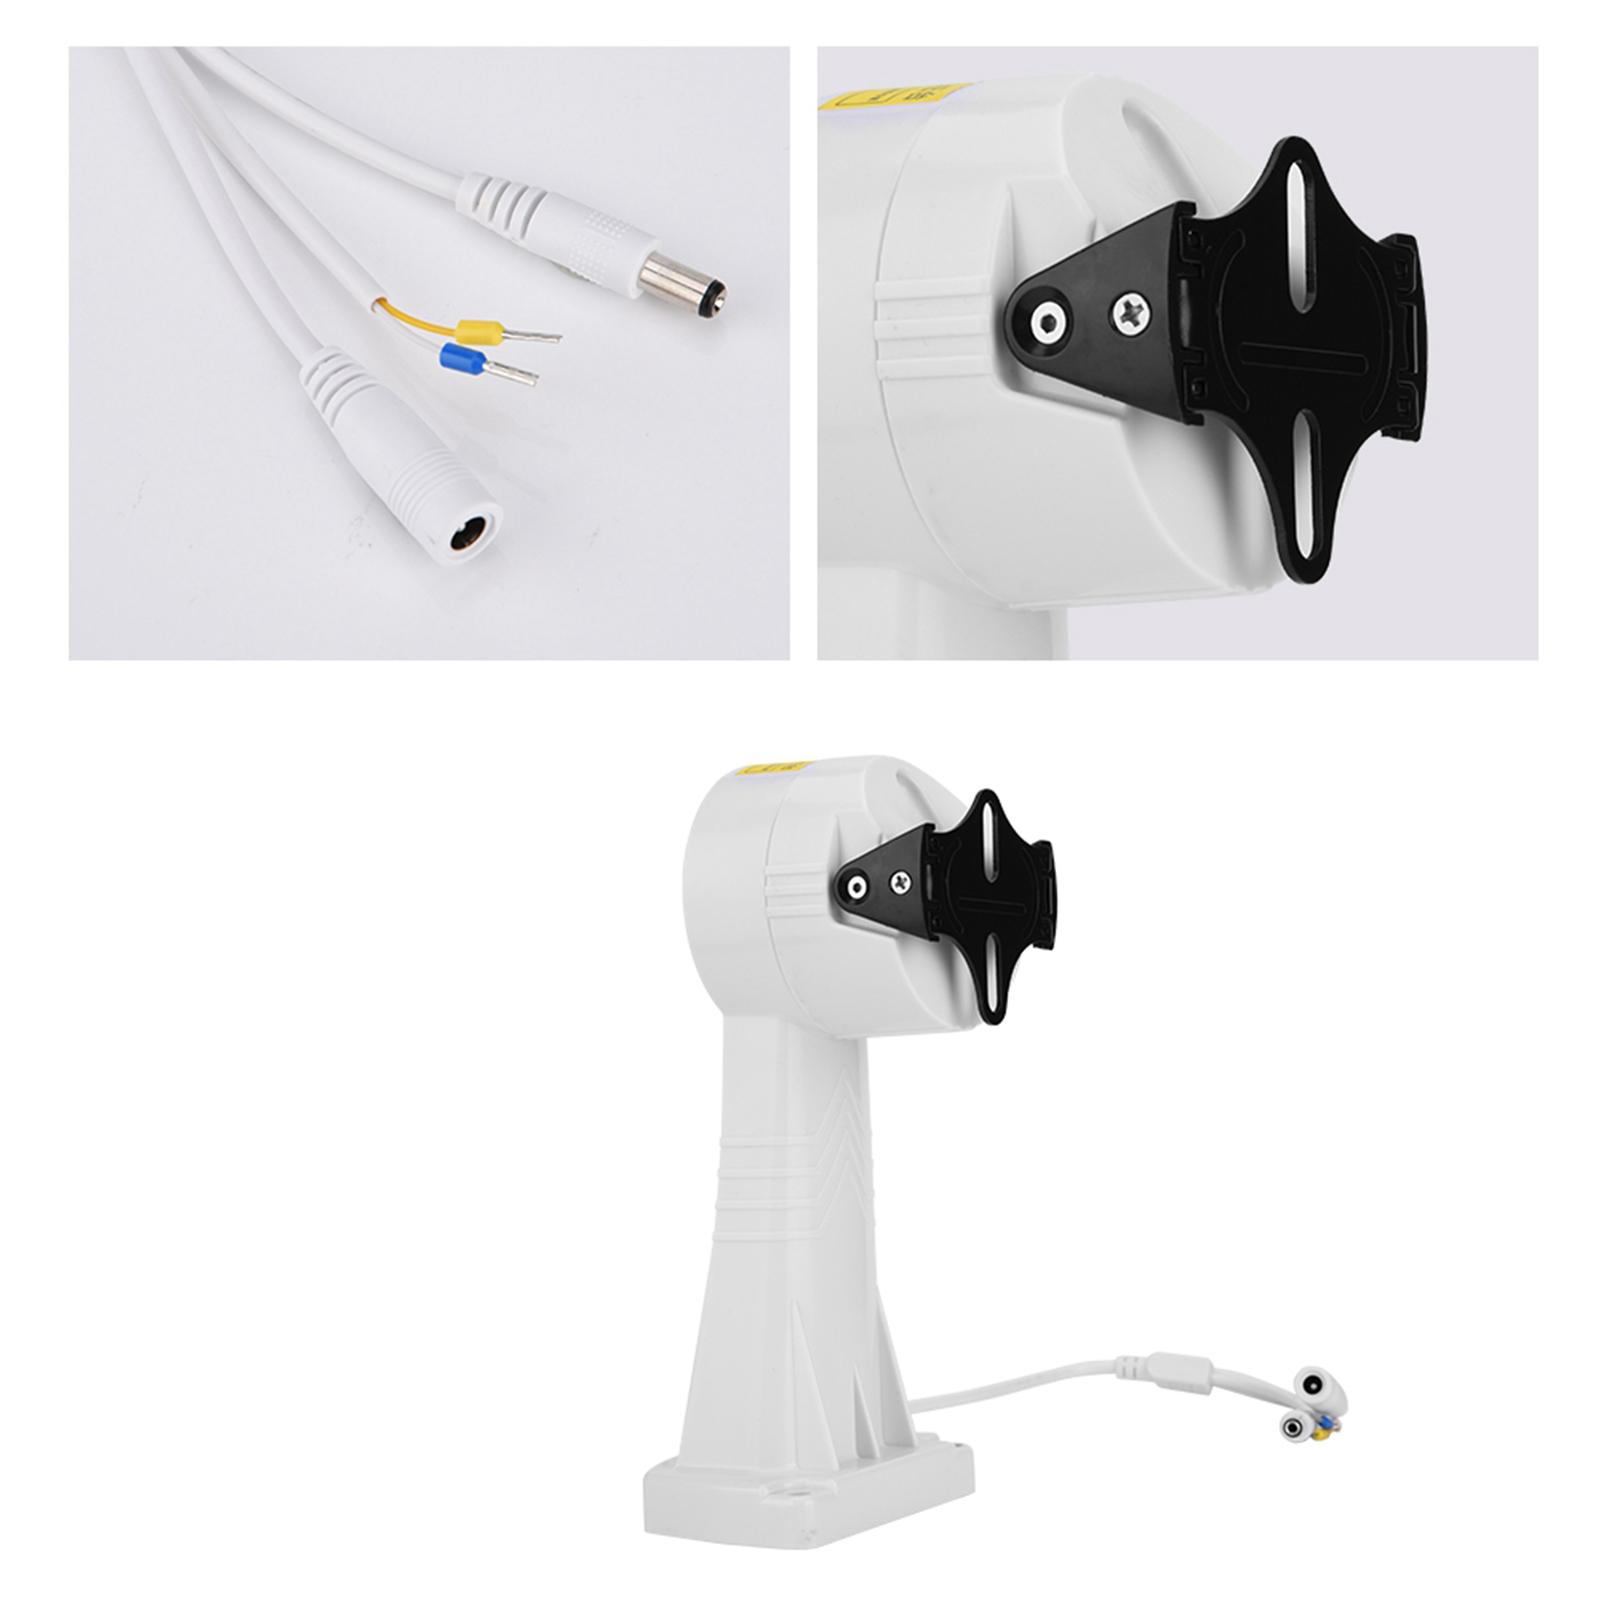 Supporto-da-parete-di-sicurezza-per-staffa-rotante-motorizzata-con-telecamera miniatura 17